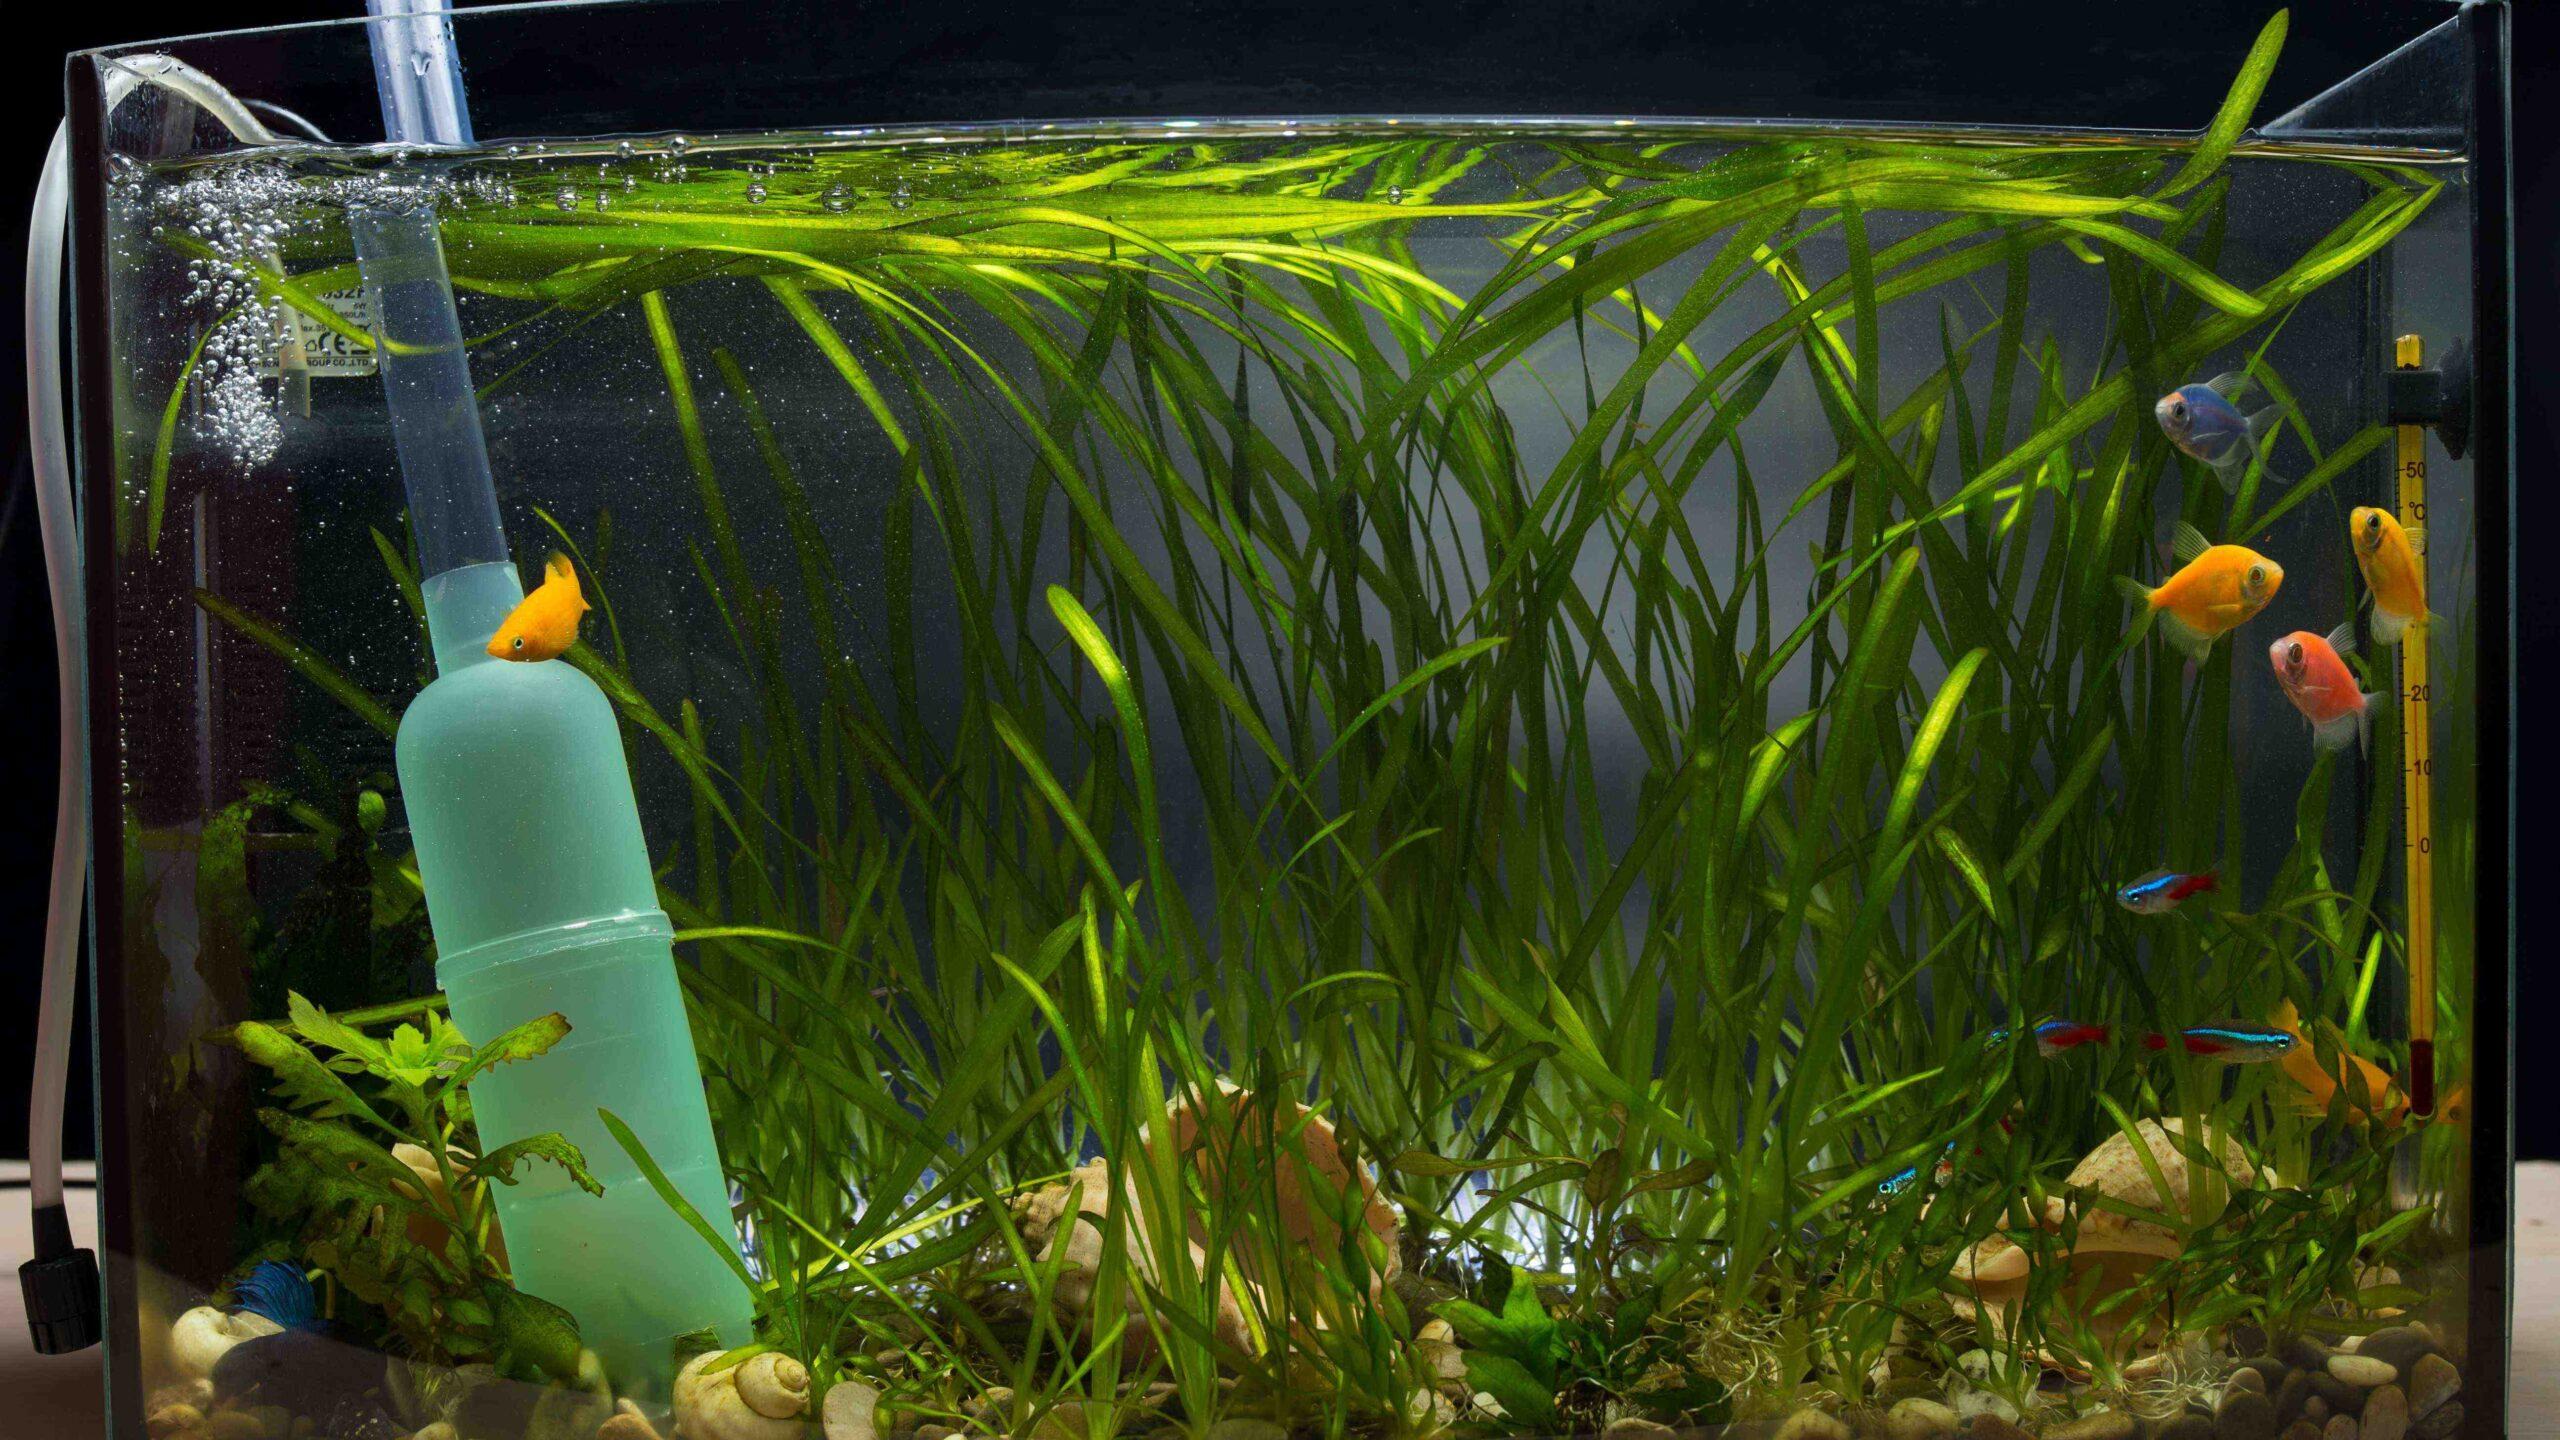 Comment faire pour éliminer les nitrite de l'aquarium ?